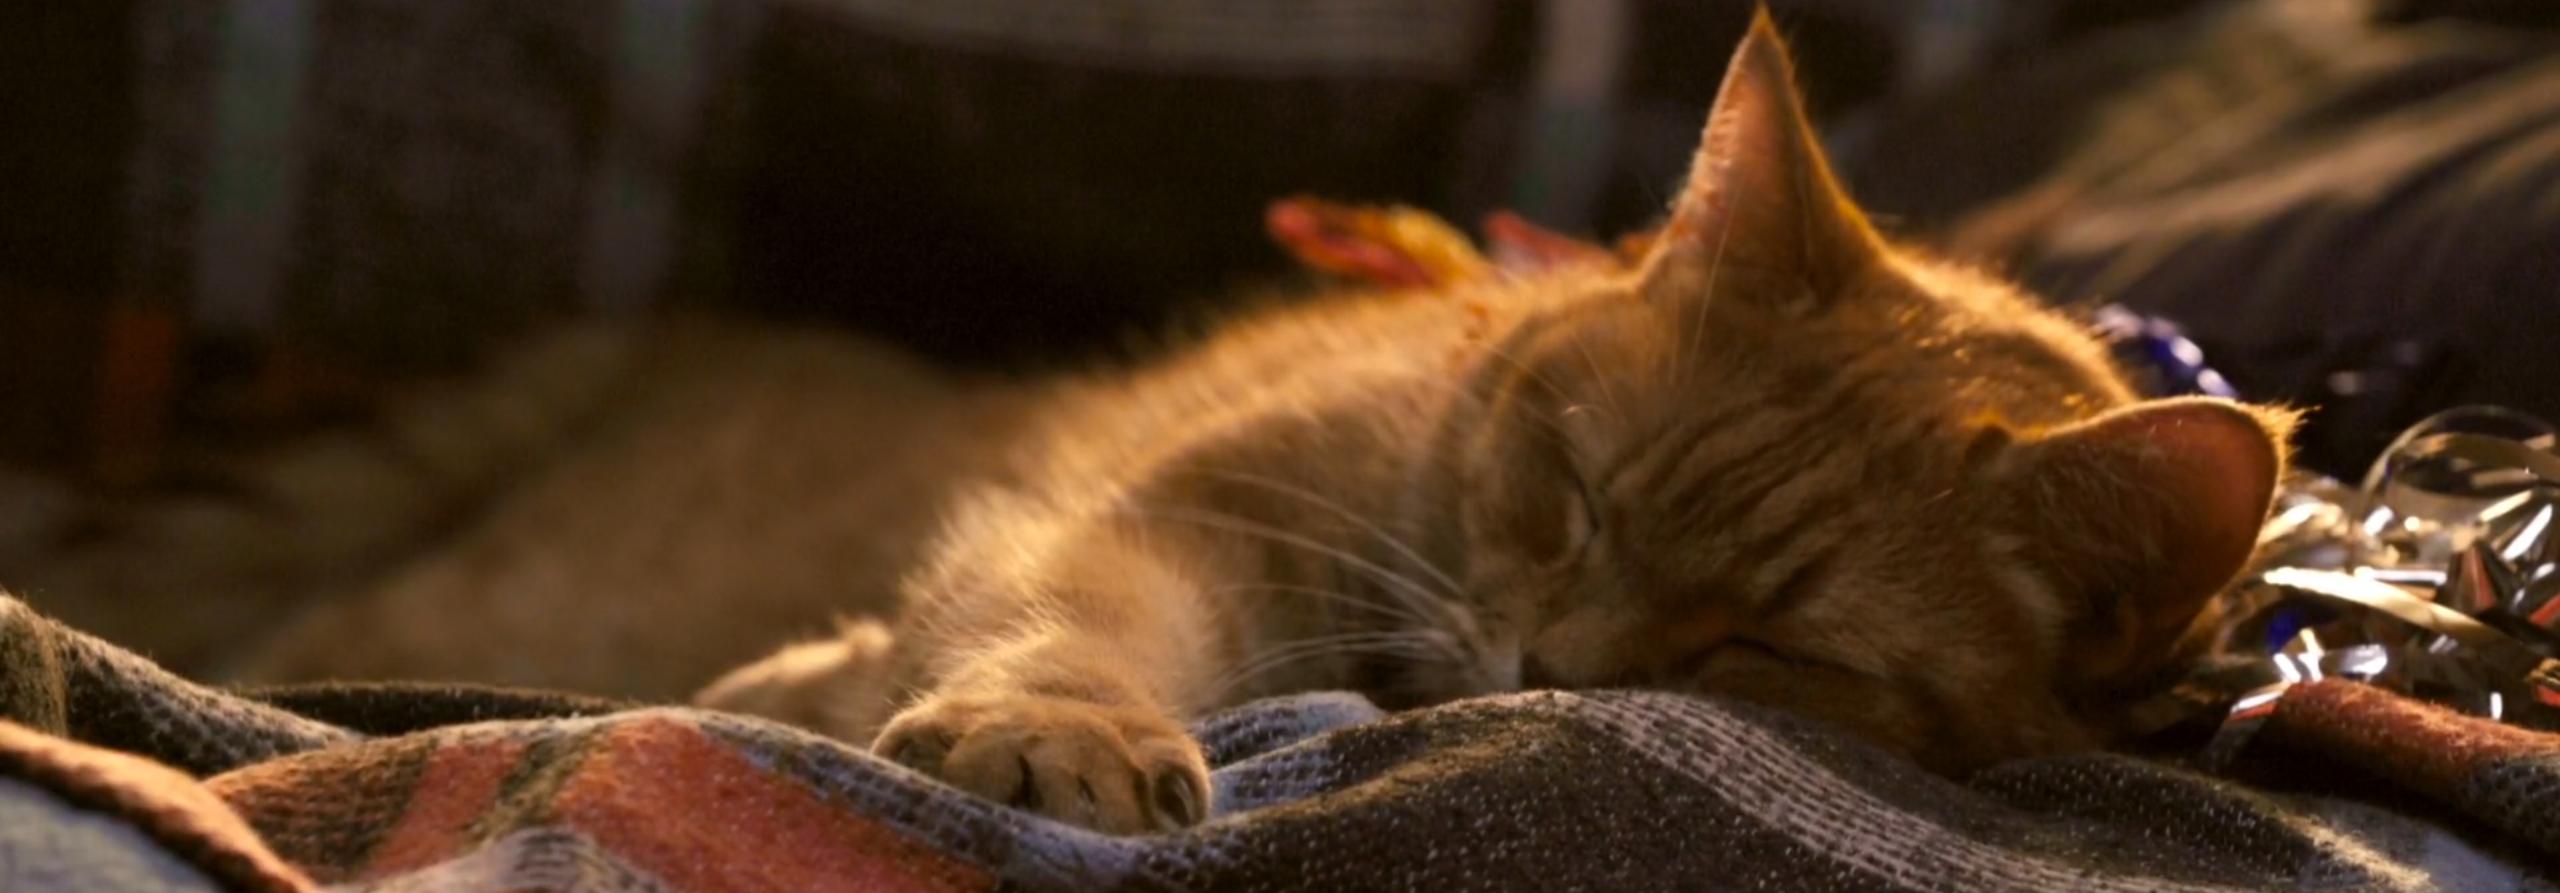 流浪猫鲍勃